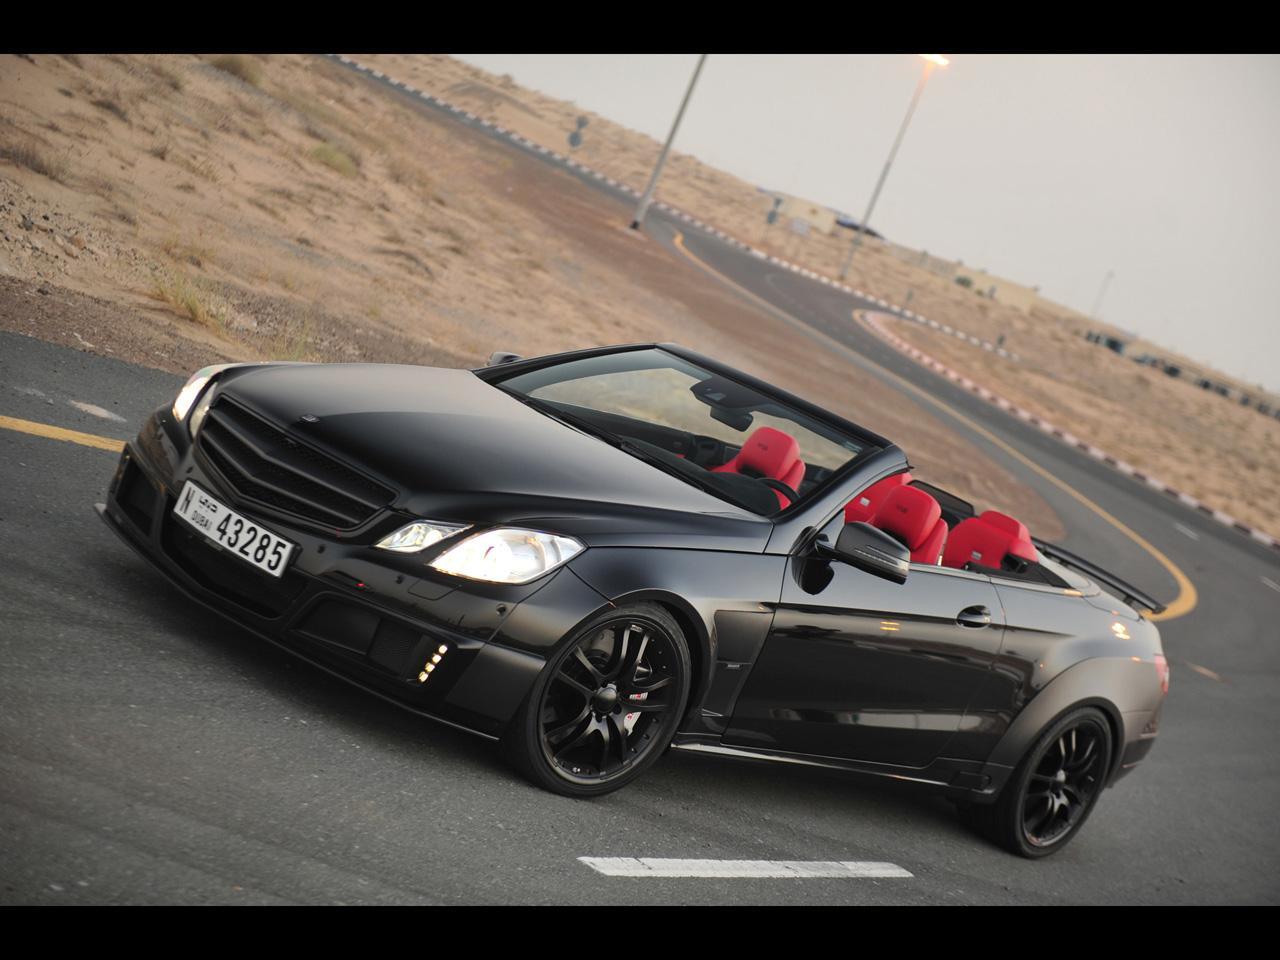 fancy cars black car. Black Bedroom Furniture Sets. Home Design Ideas